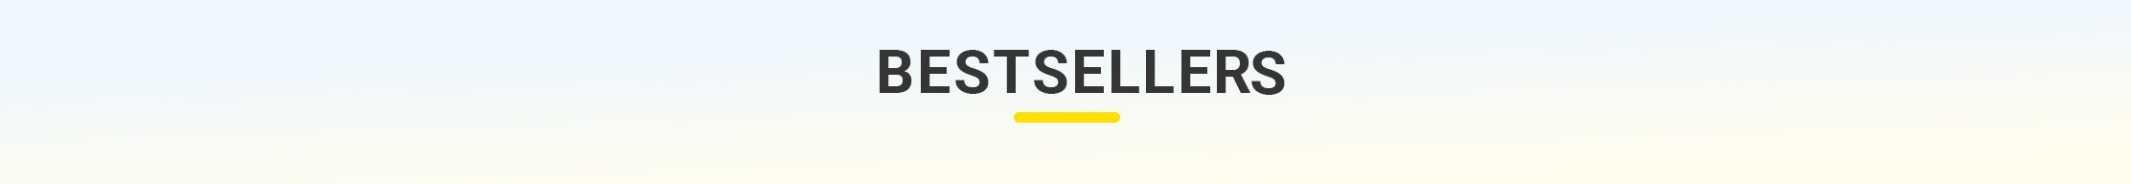 DT-Bestseller-flexi